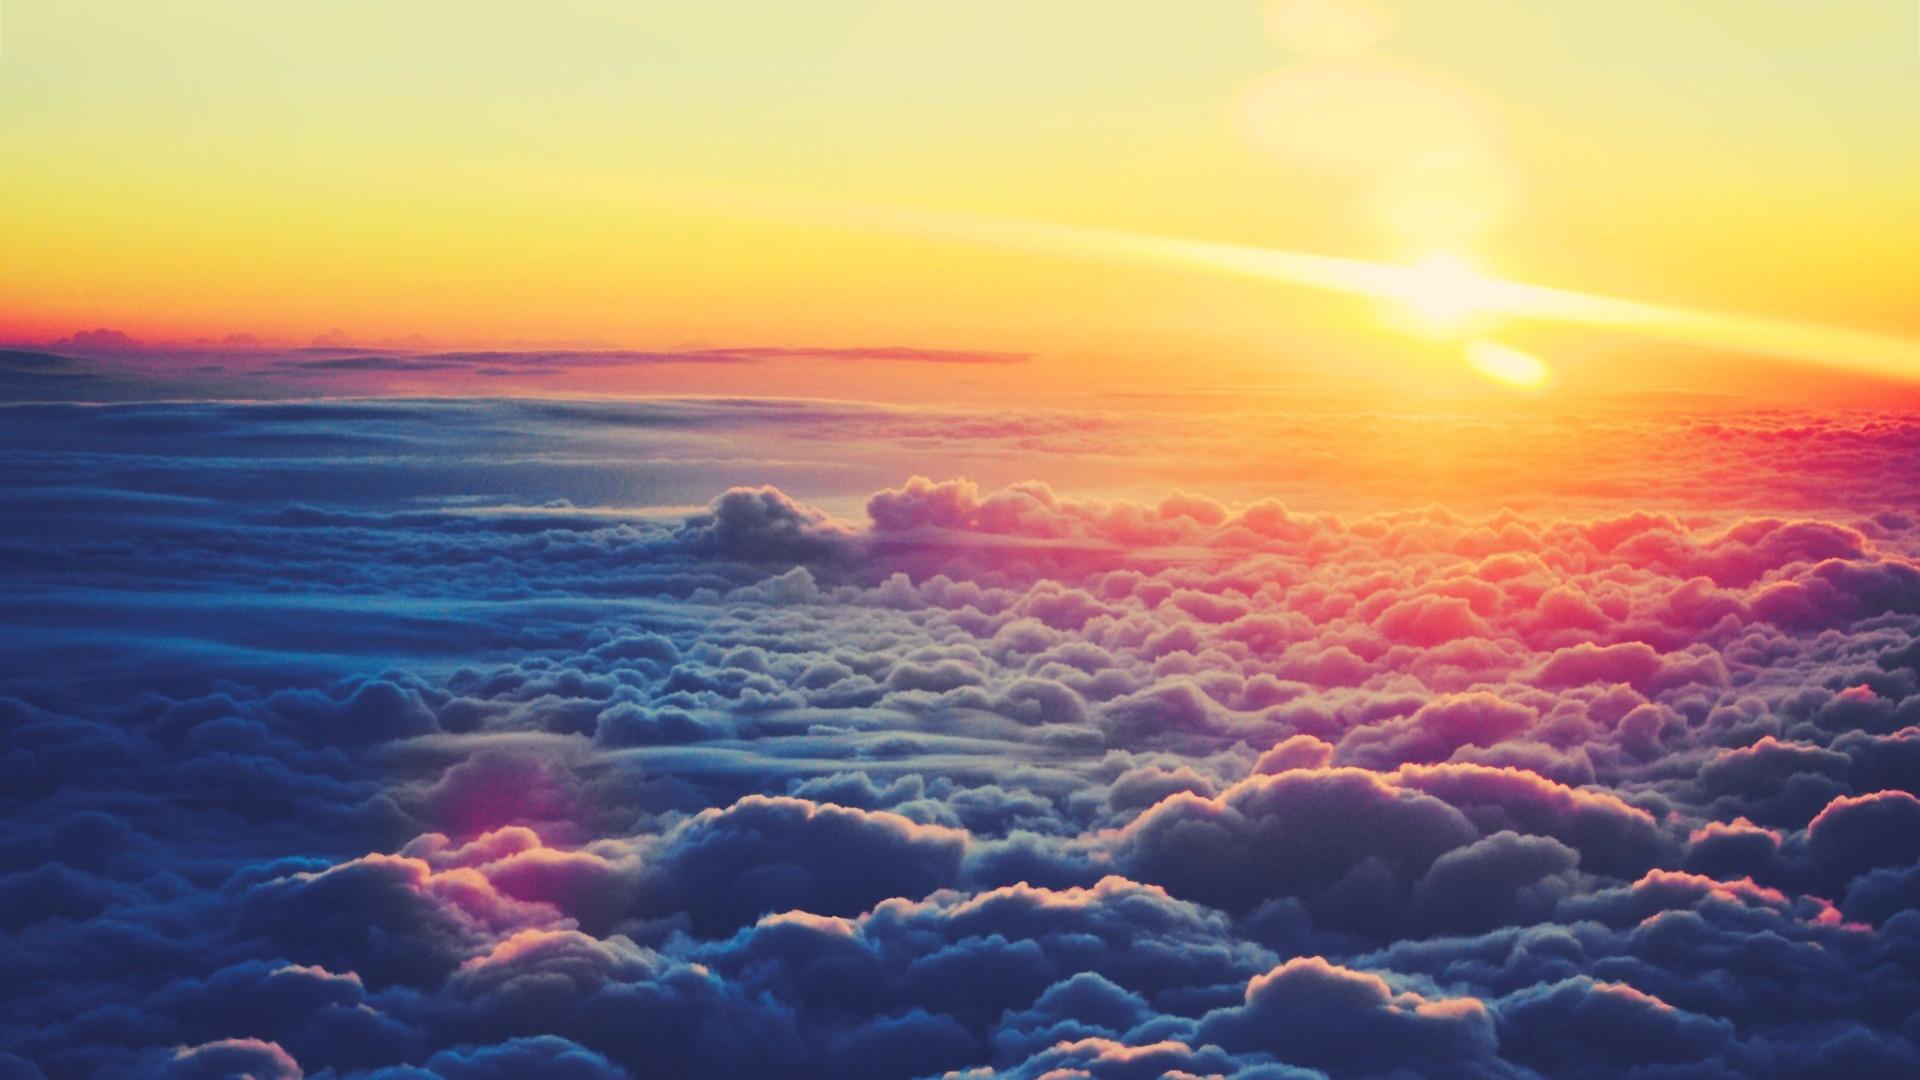 clouds wallpaper sunrise